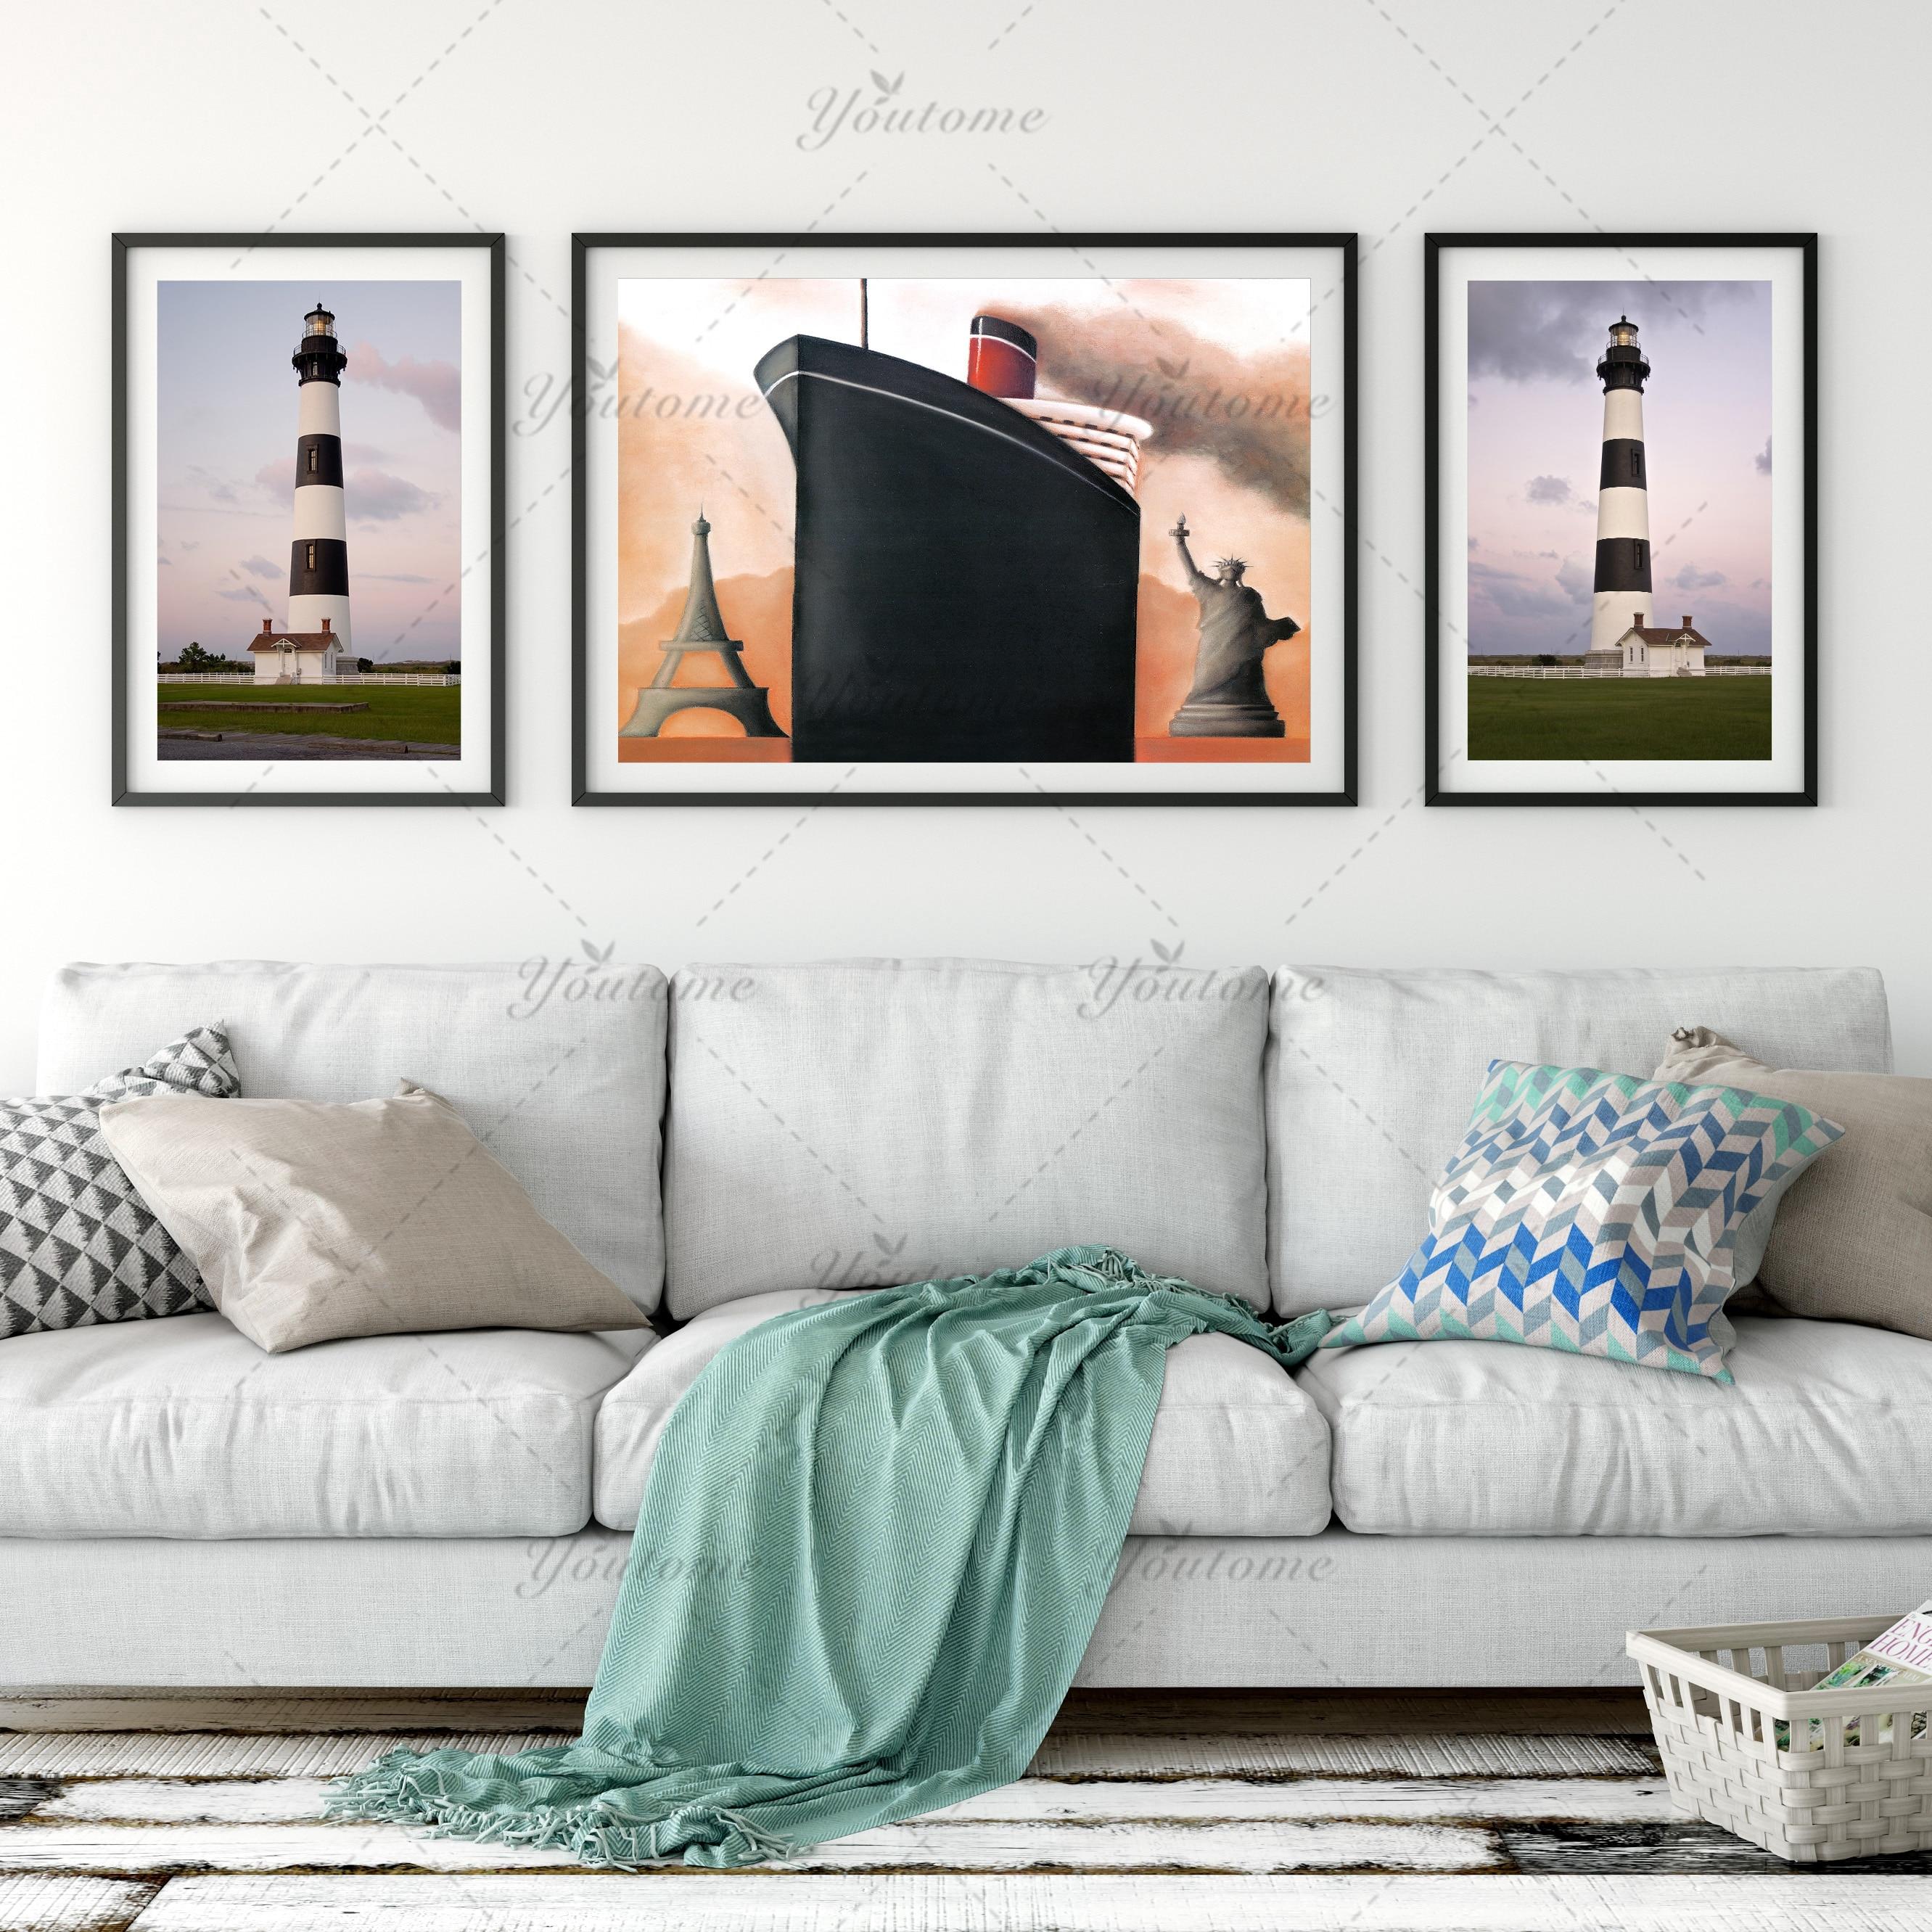 Kunstdrucke Fur Wohnzimmer ~ Leuchtturm kunstdrucke kaufen billigleuchtturm